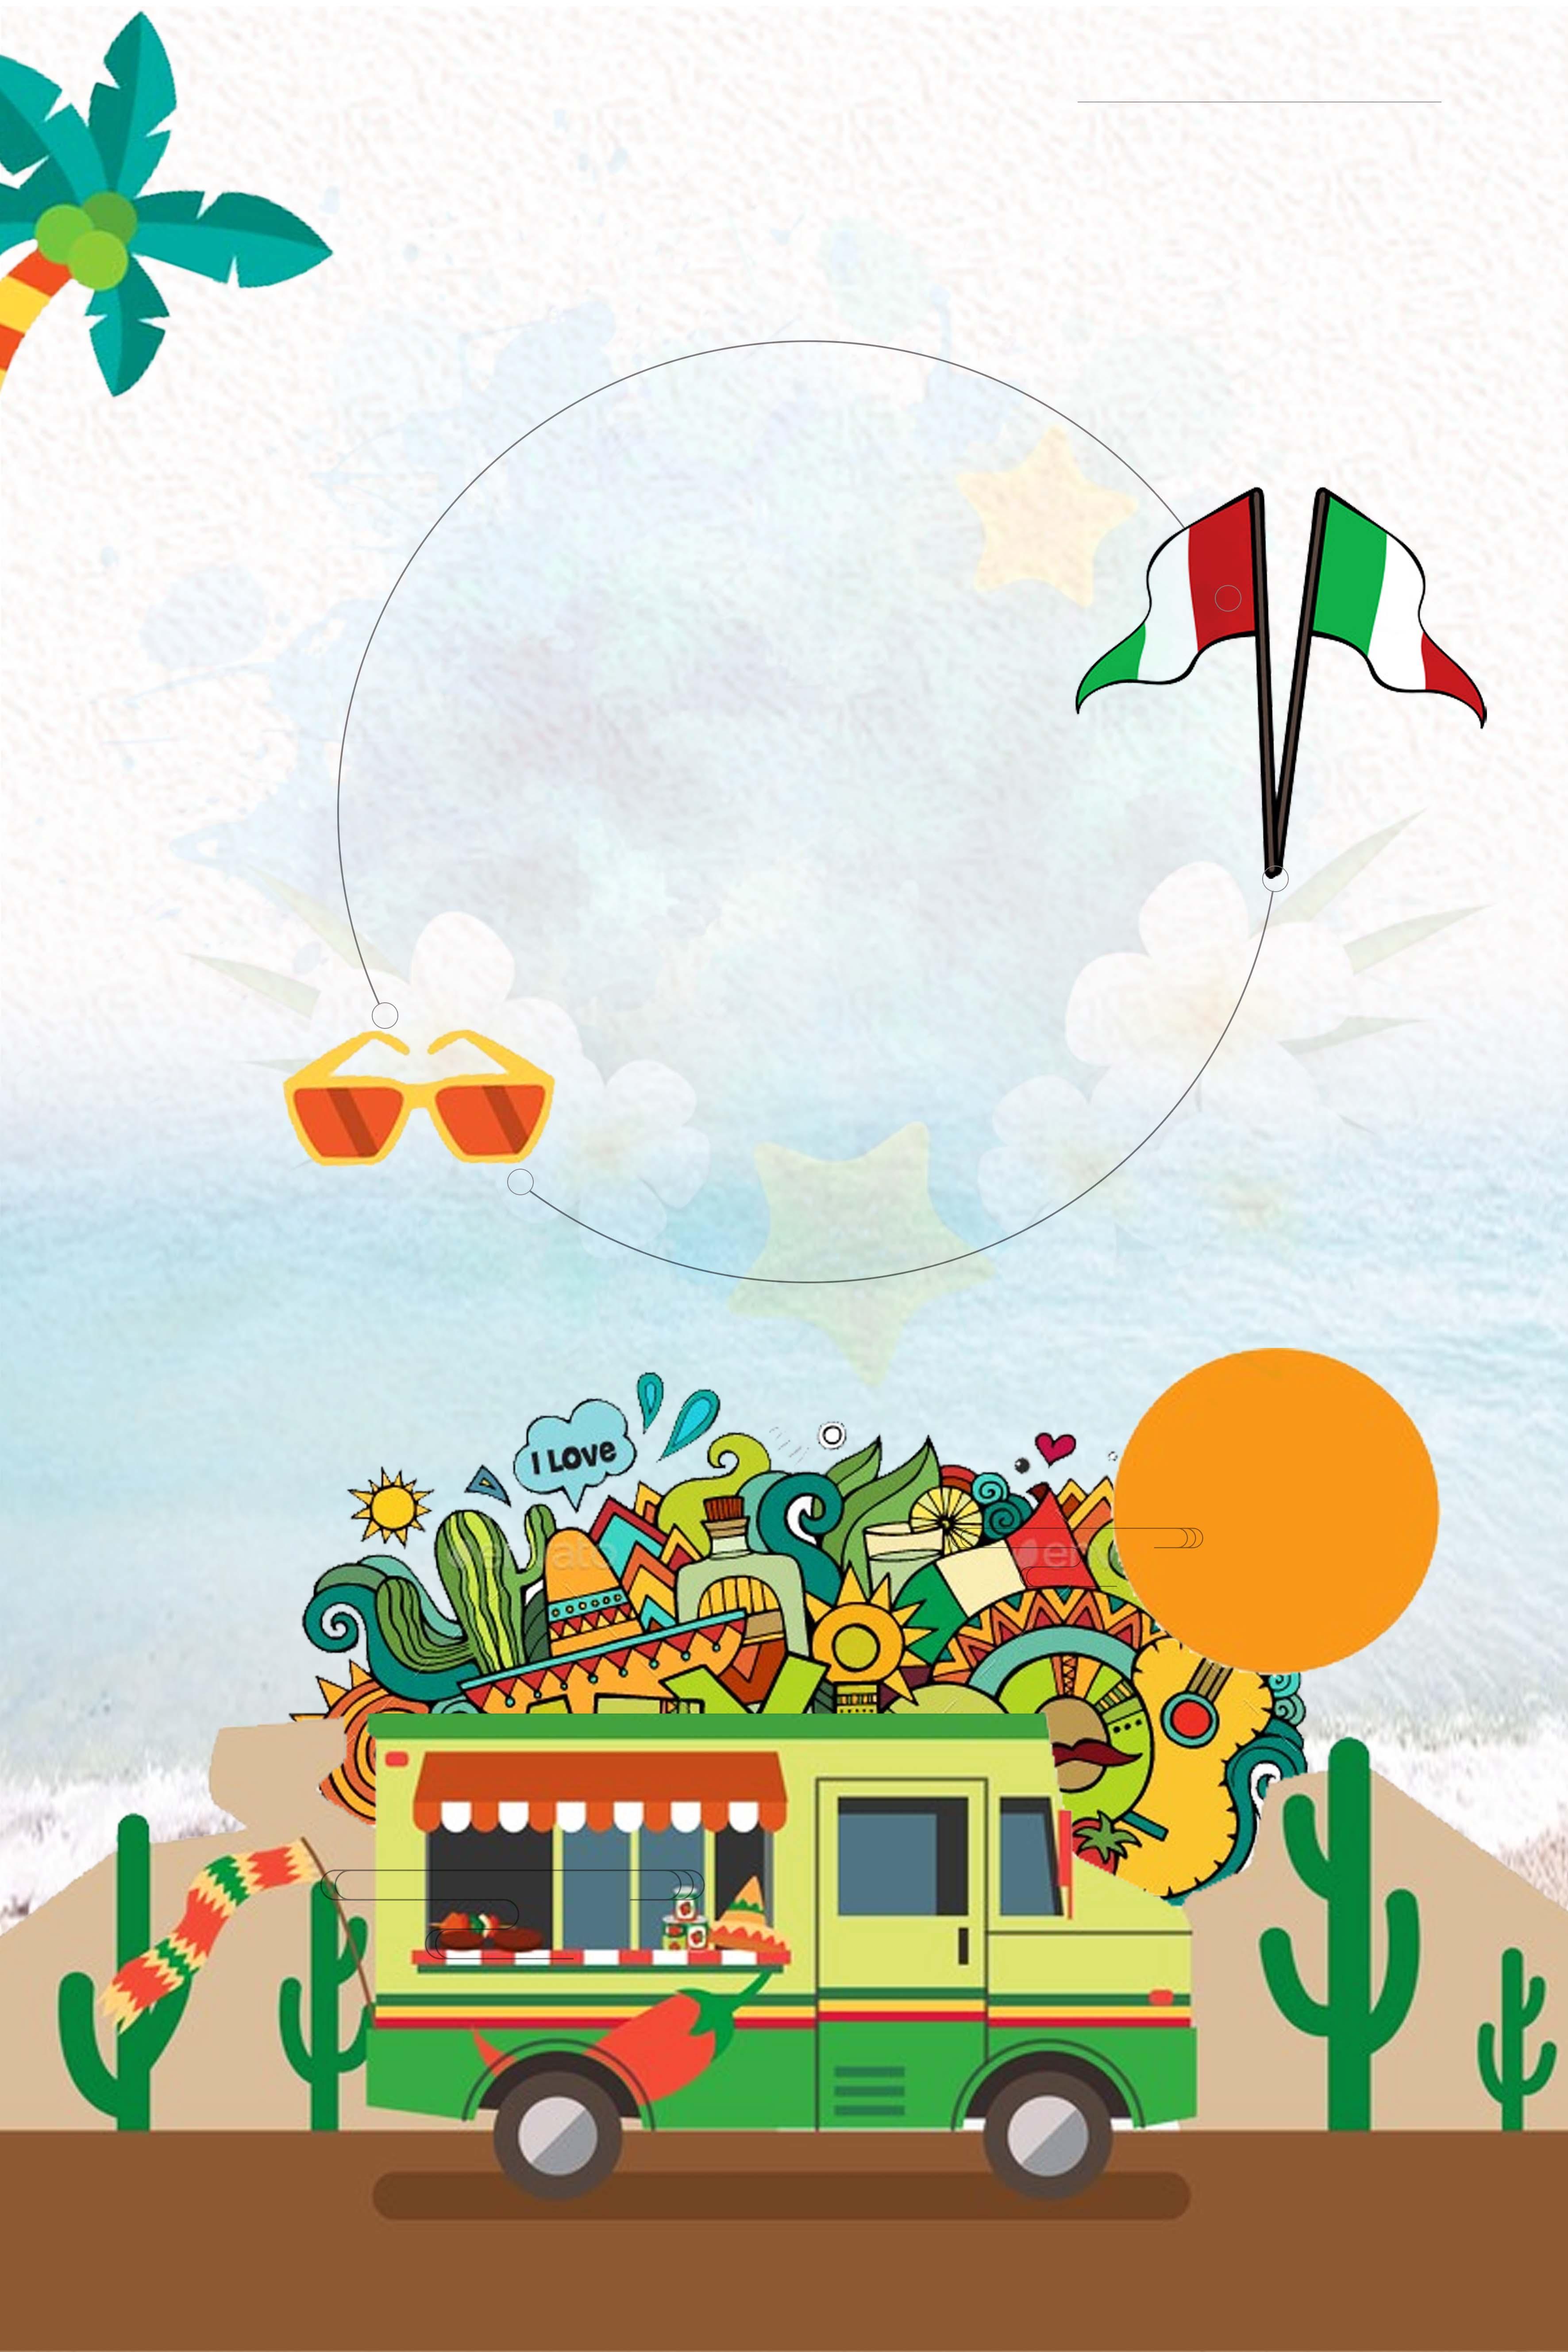 無料ダウンロードのためのアイデアイラストメキシコ旅行ポスターの背景